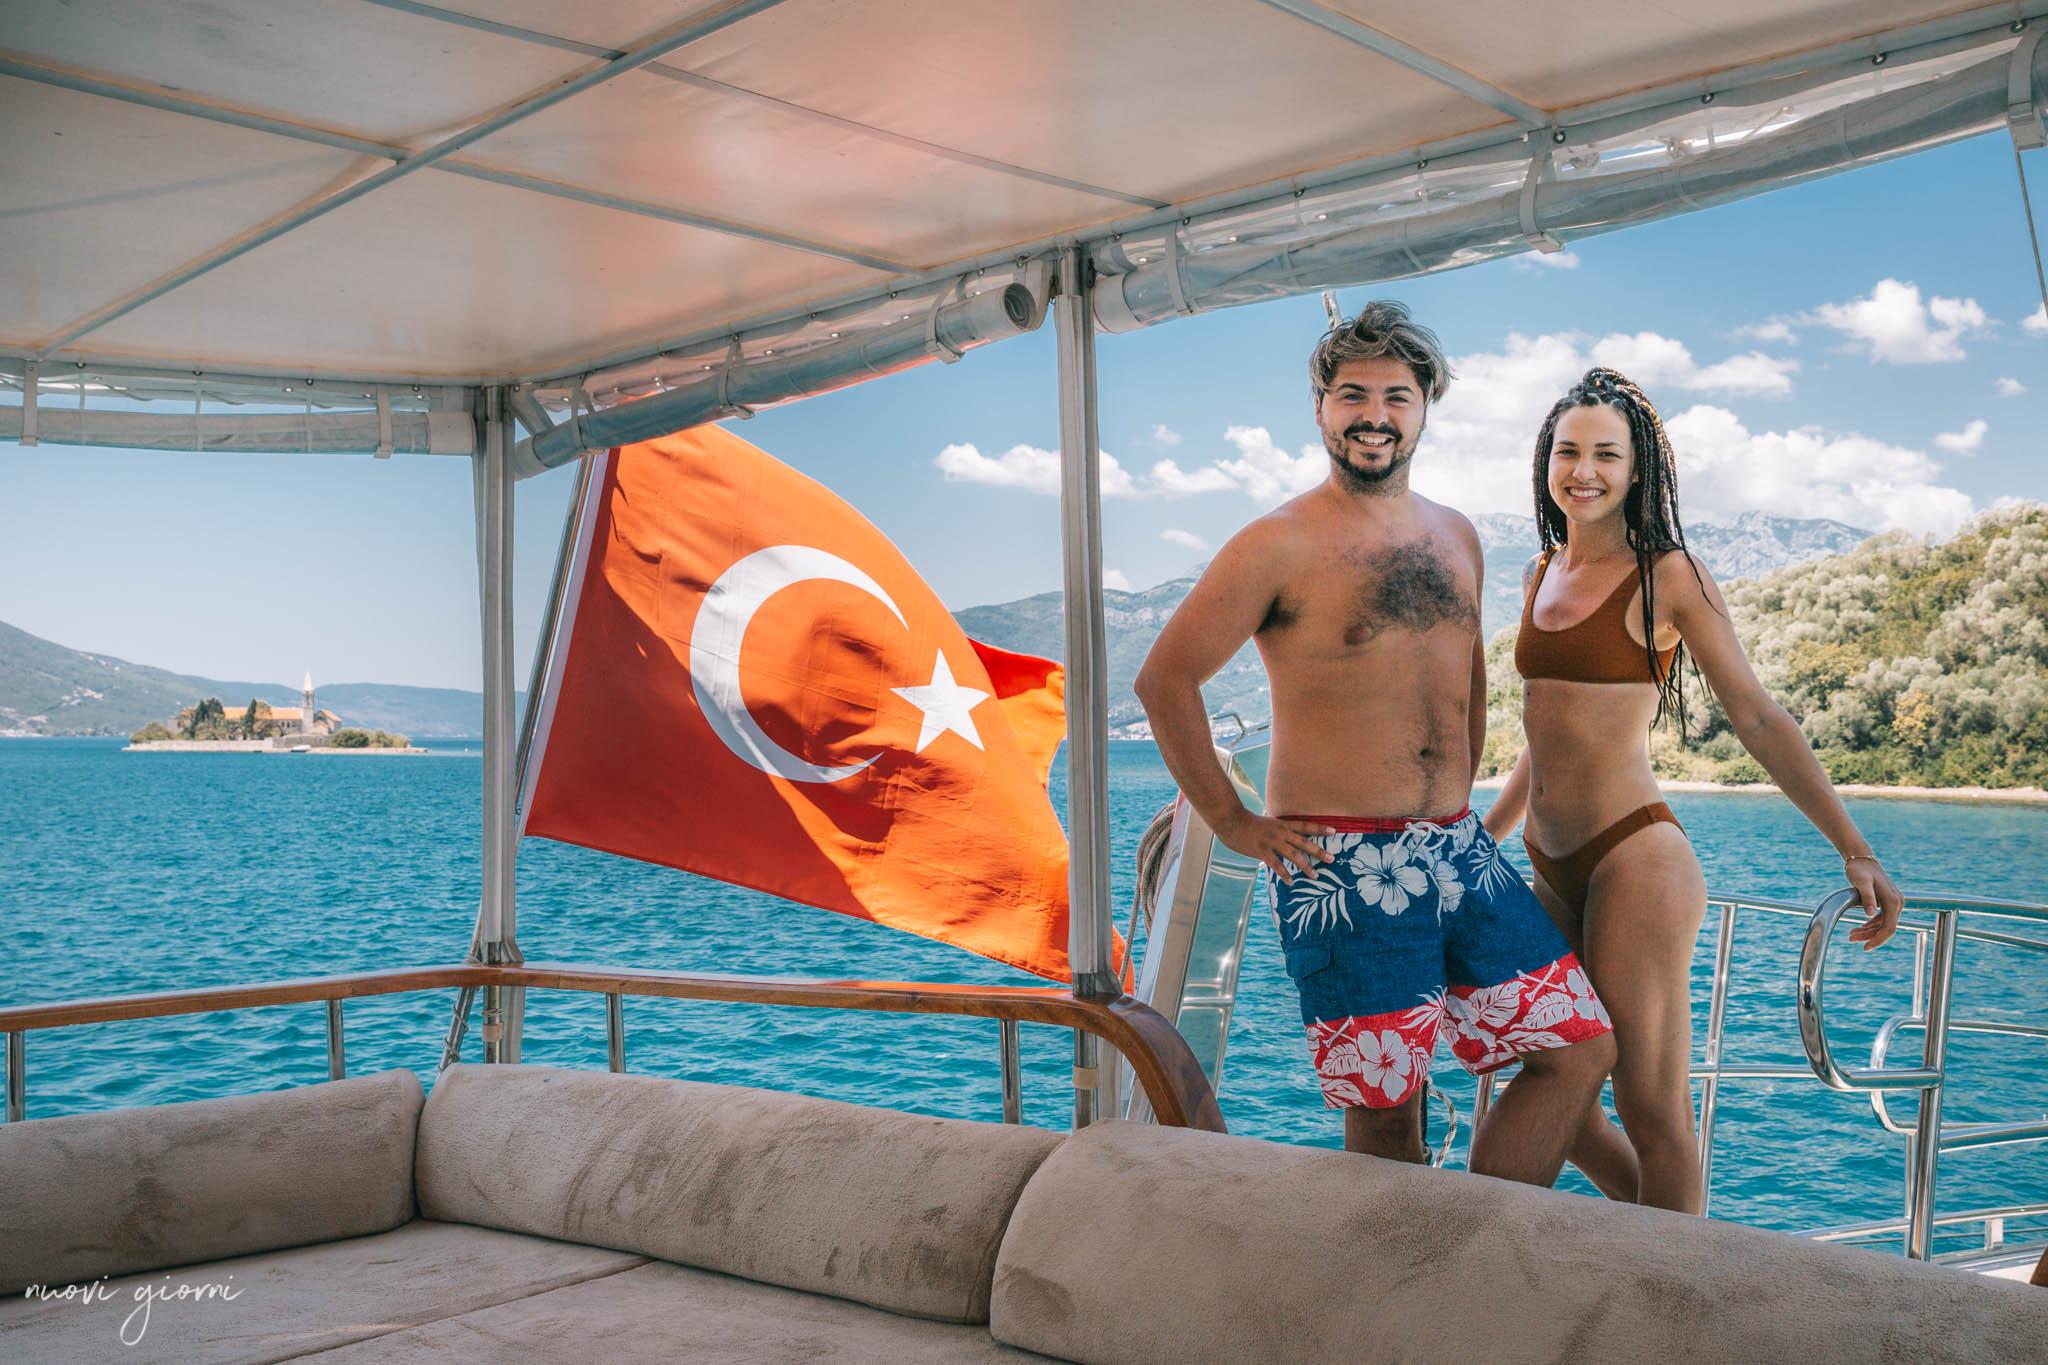 montenegro vacanza caicco gulet cruise nuovi giorni blog 13